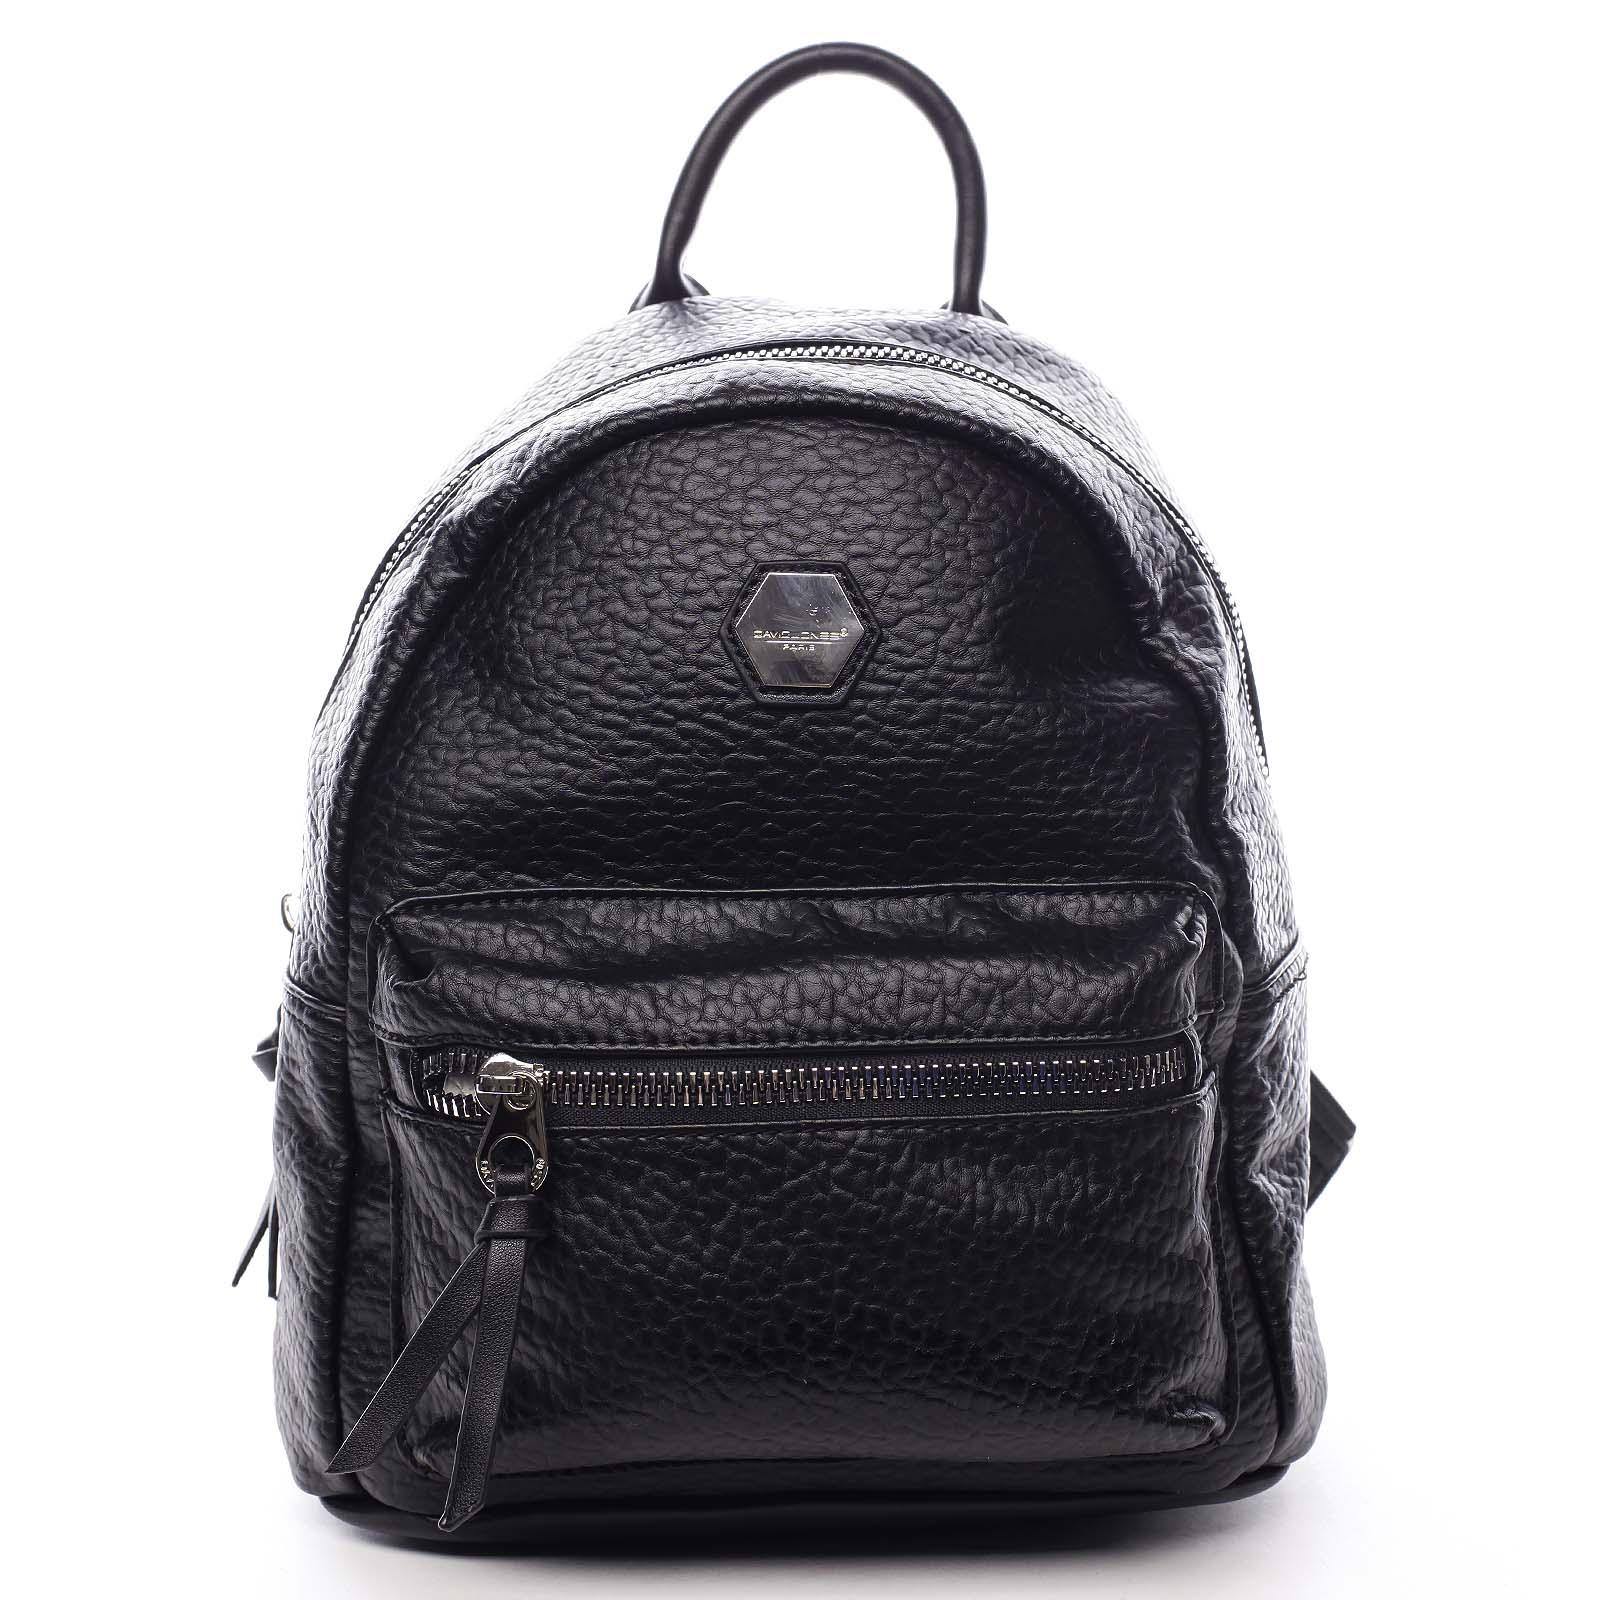 Dámský městský batoh černý - David Jones Mackenzie